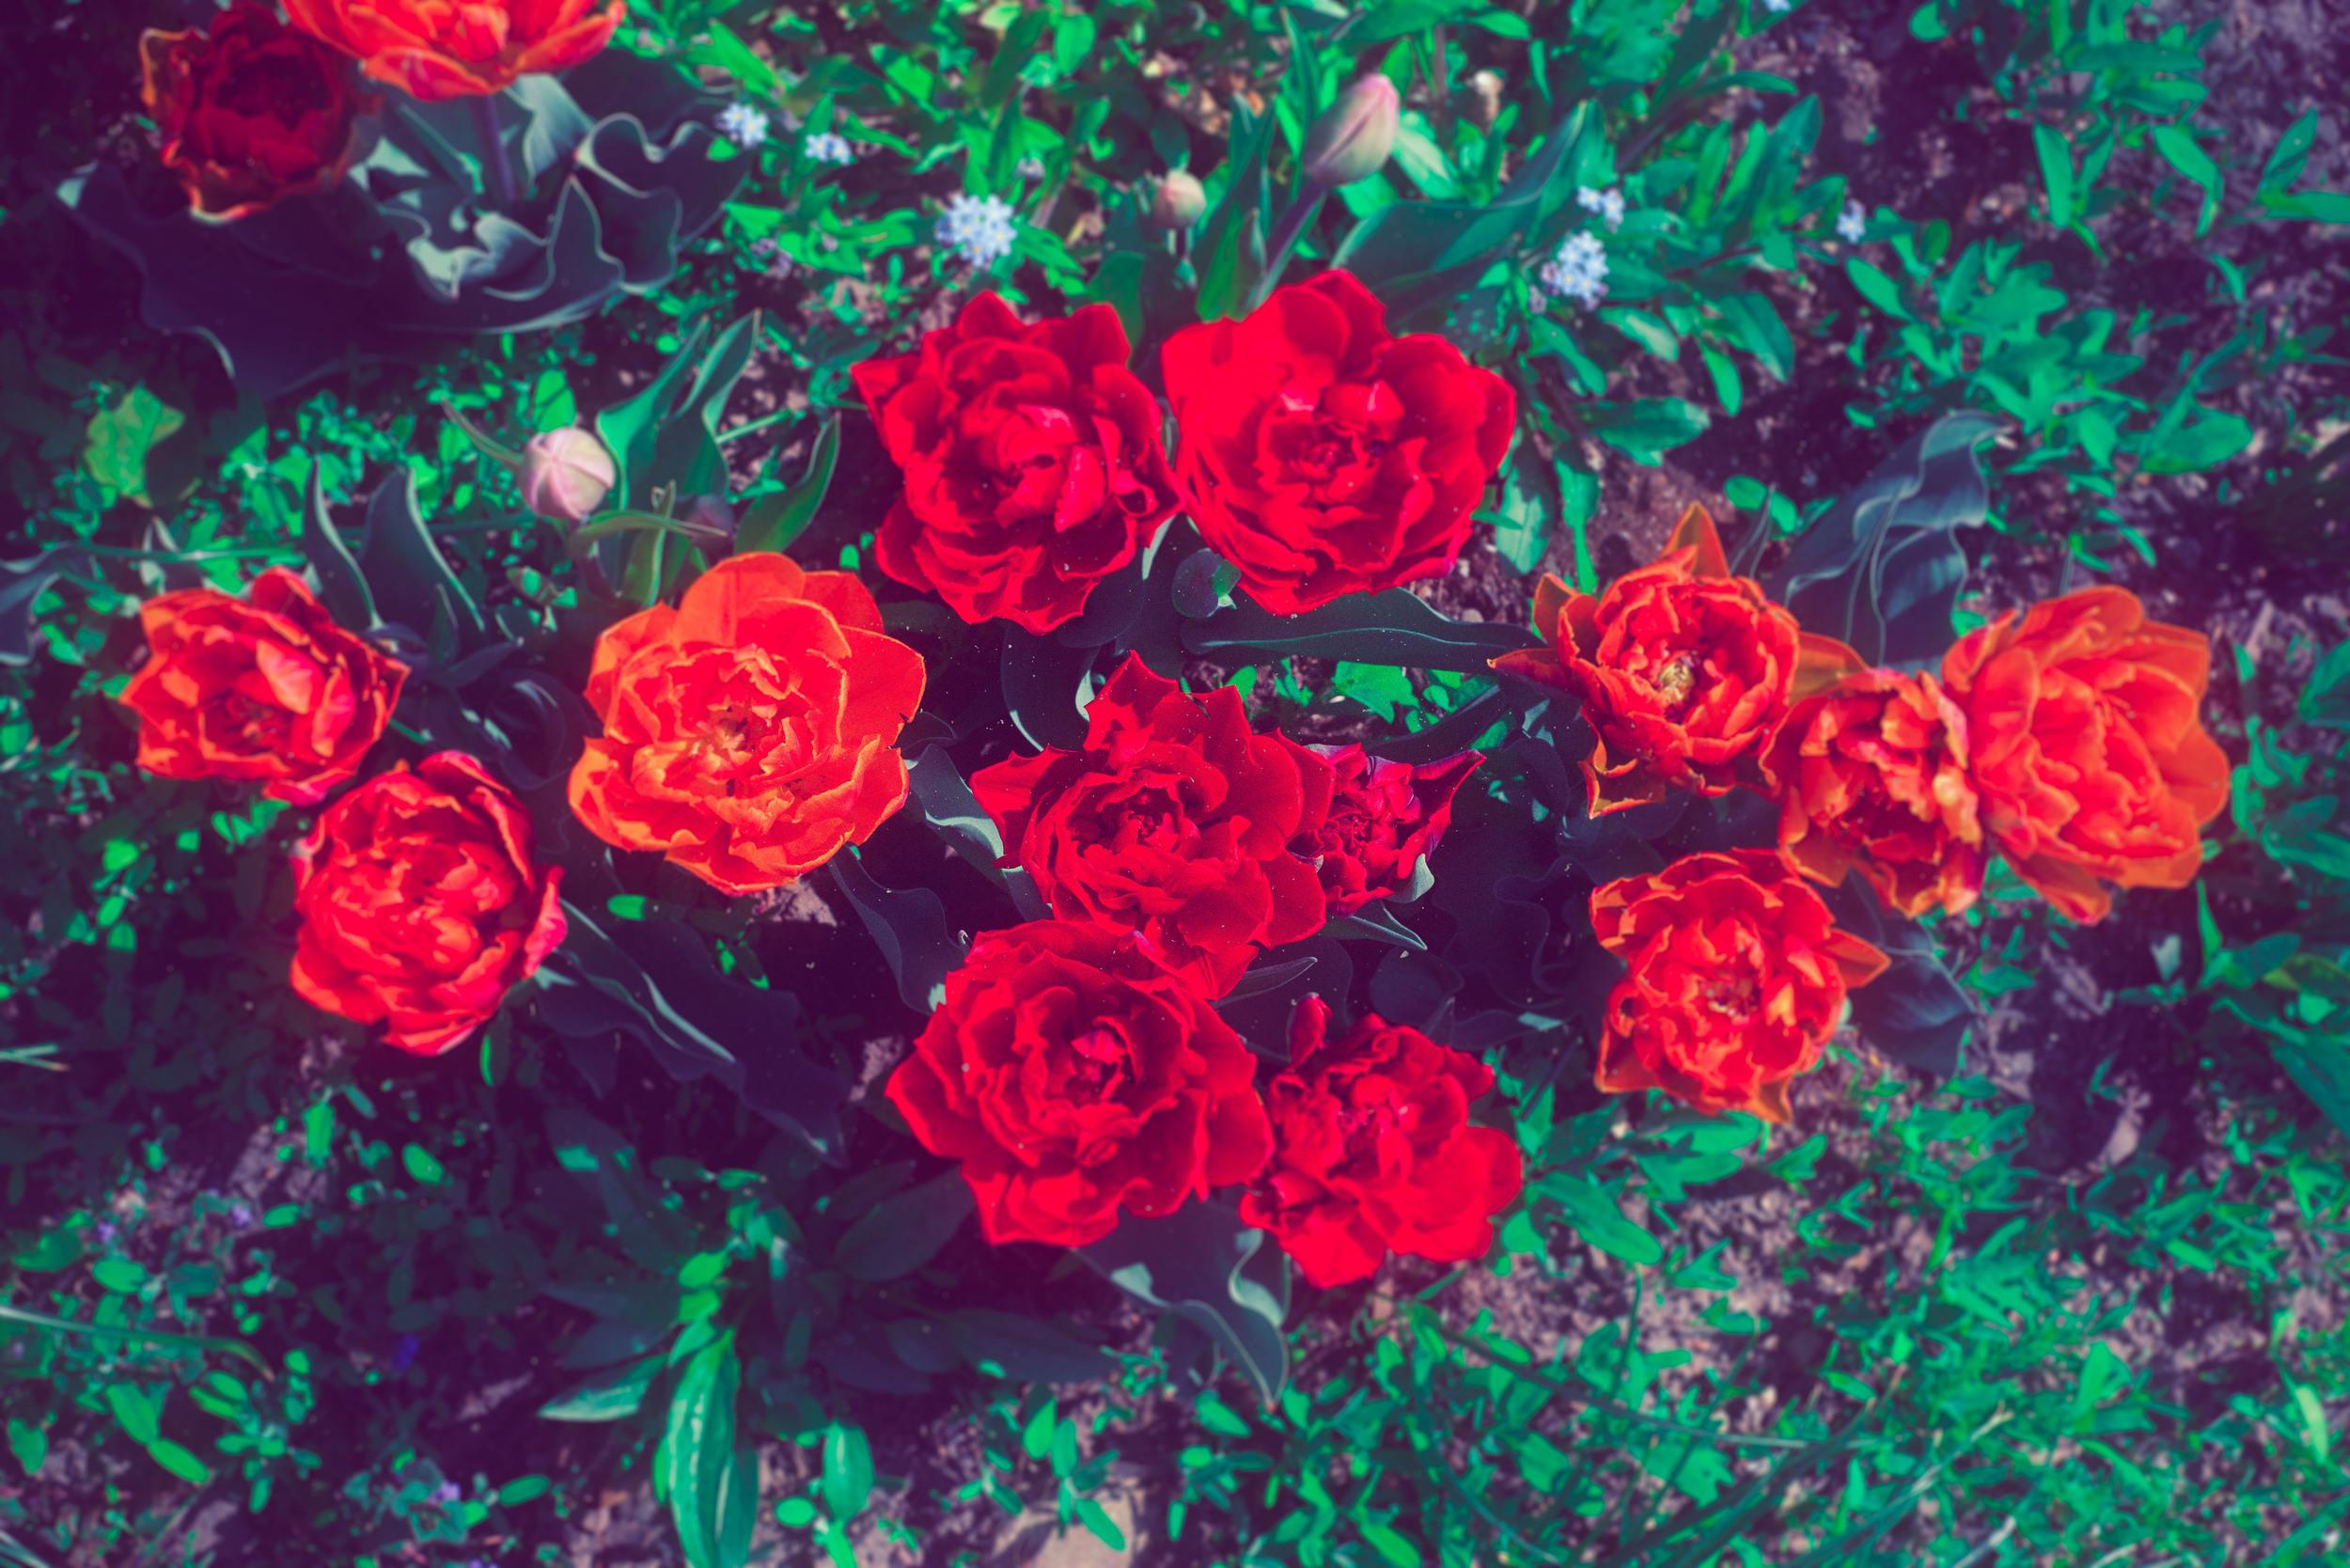 RTC-FLOWERS-1.jpg